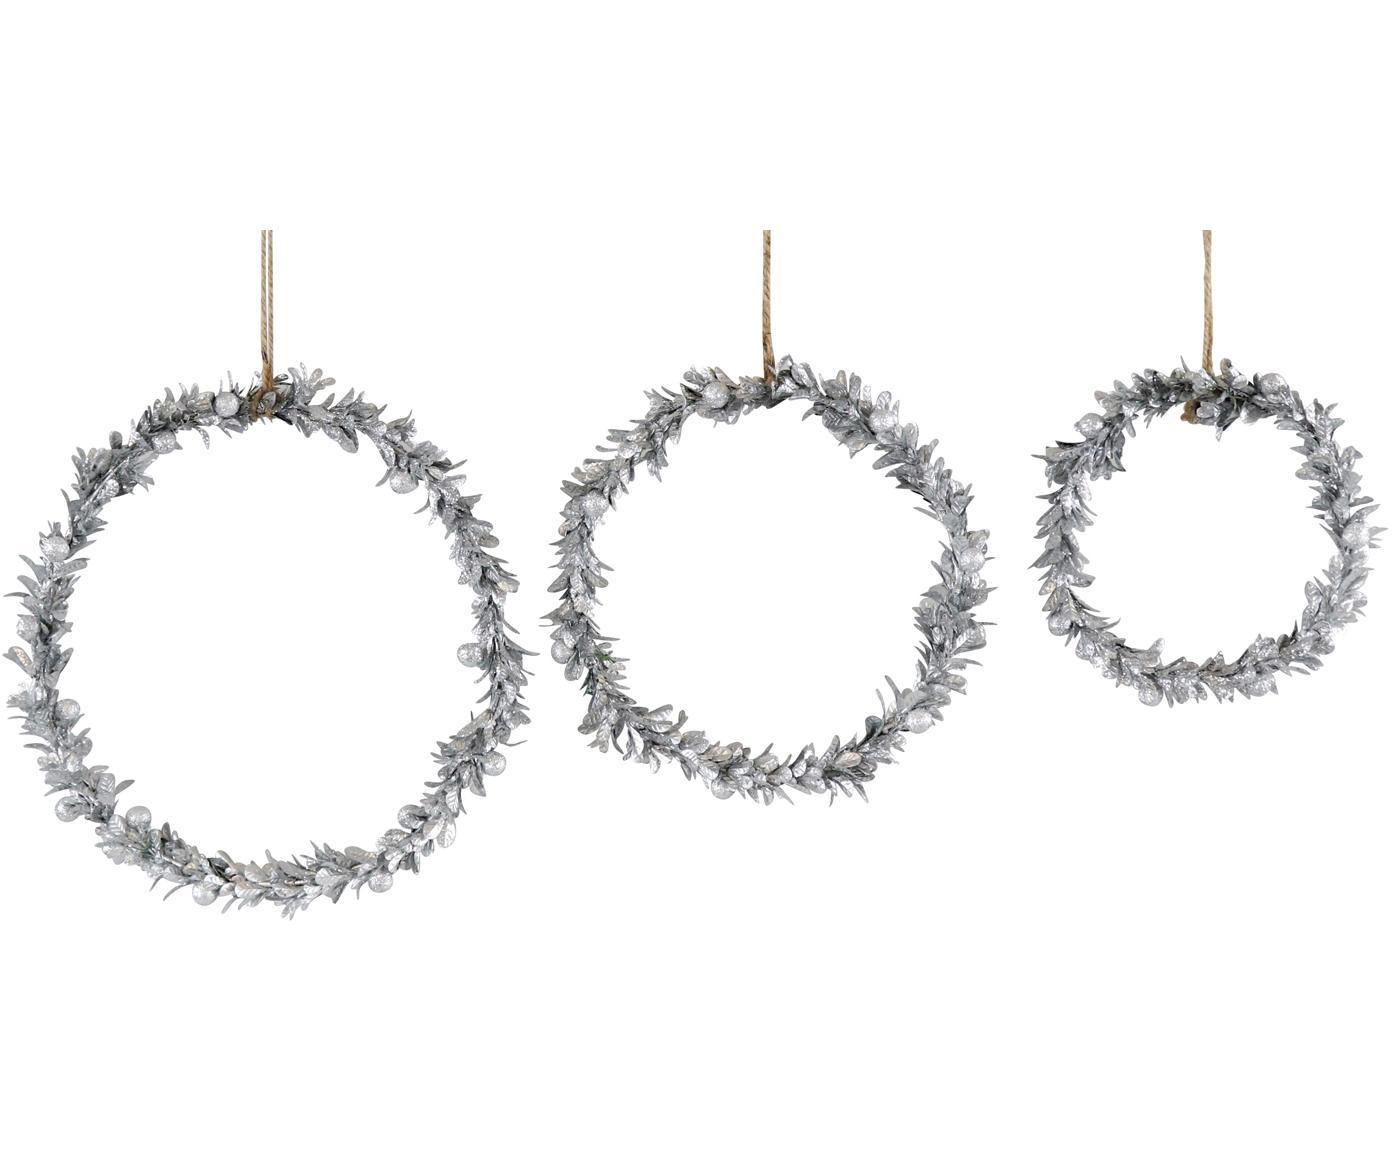 Komplet dekoracji wiszących Laurel, 3 elem., Styropian, tworzywo sztuczne, metal, drewno naturalne, Odcienie srebrnego, Komplet z różnymi rozmiarami